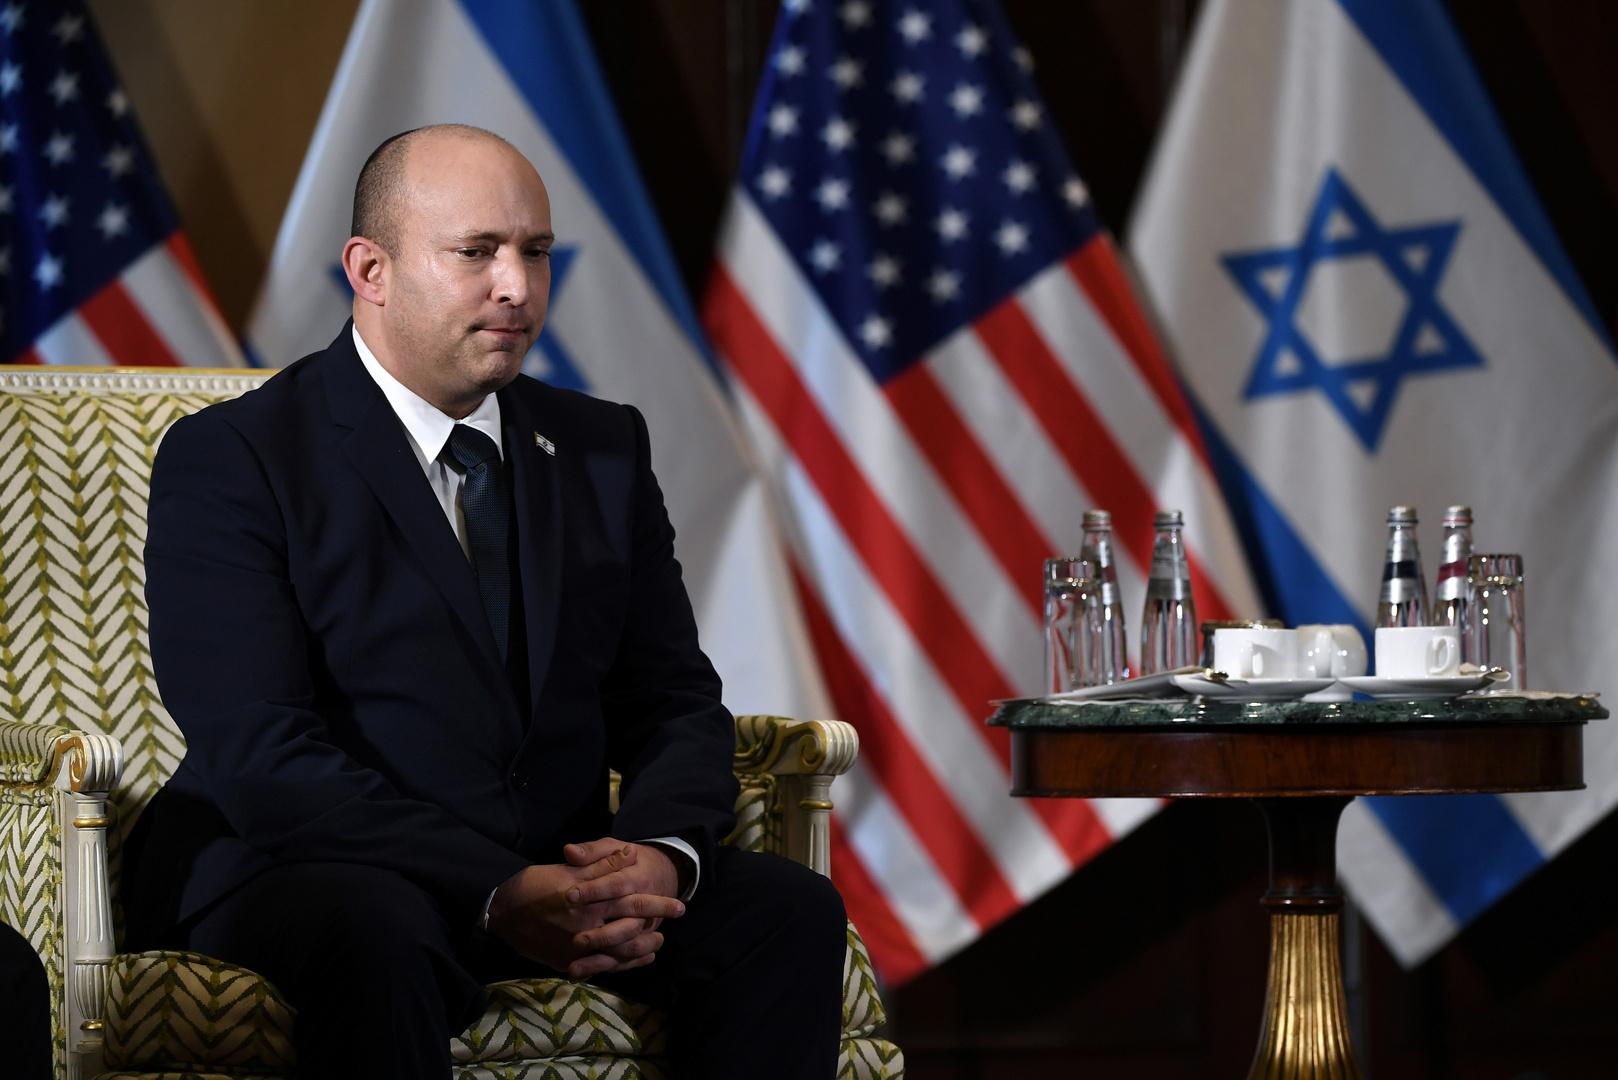 مسؤول أمريكي يكشف ما سيقوله بايدن لبينيت حول إيران خلال اللقاء الأول بينهما